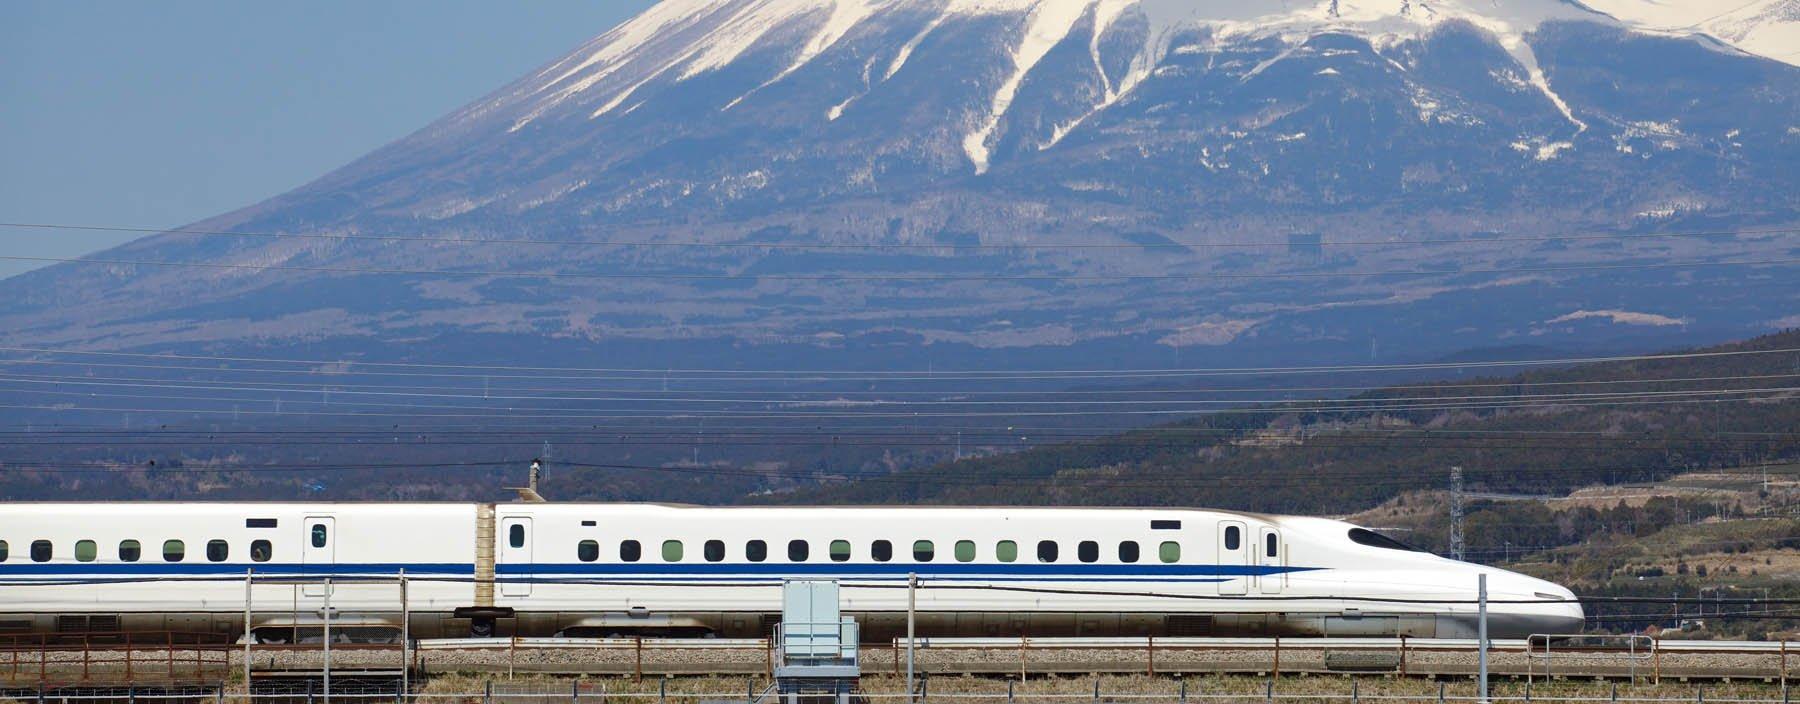 jp, mt fuji, tokaido shinkansen.jpg